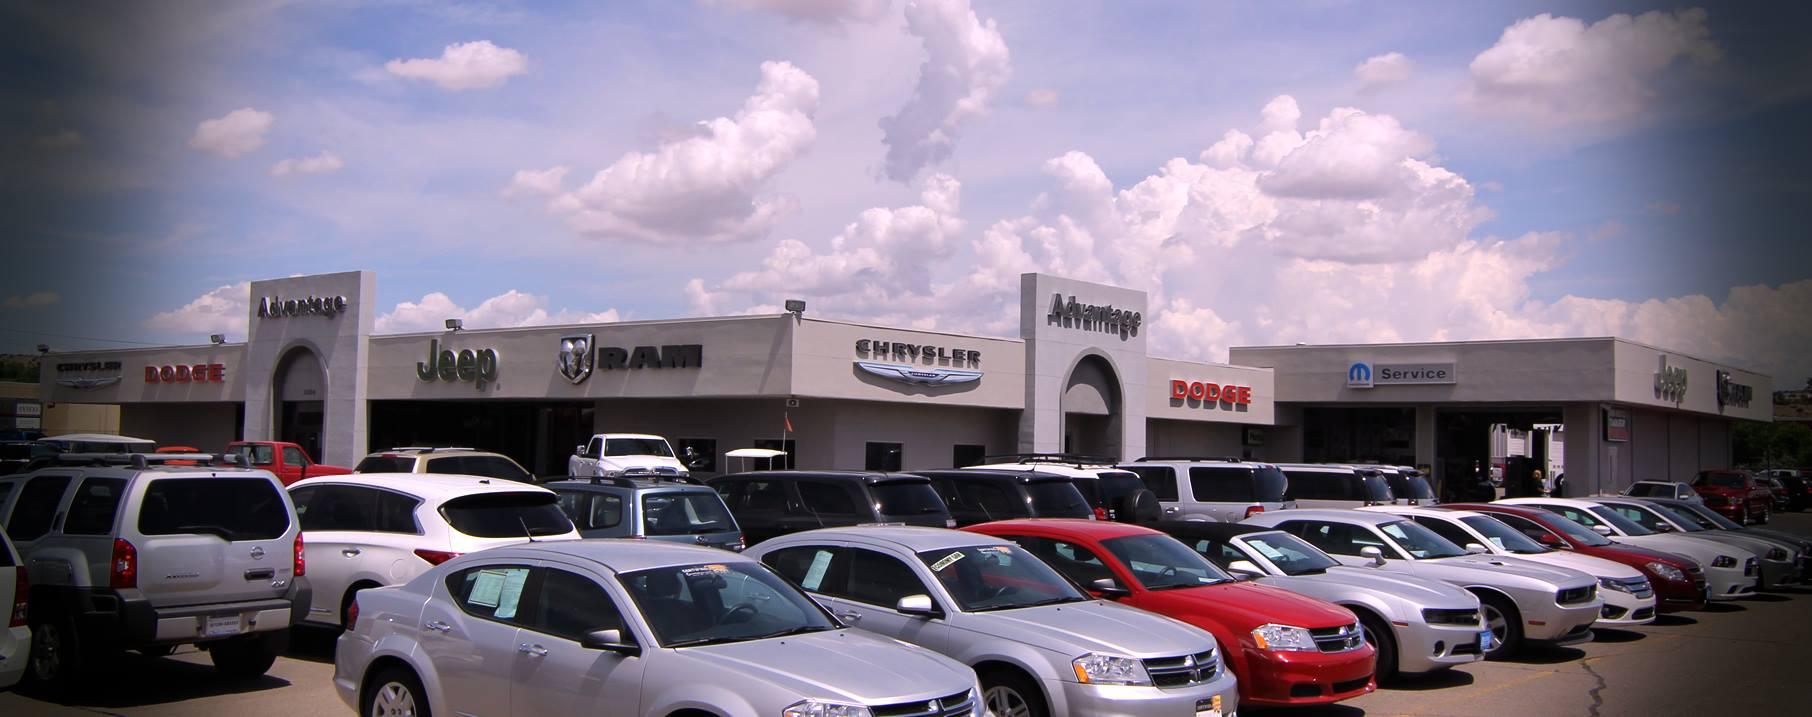 Car Dealership Farmington Nm